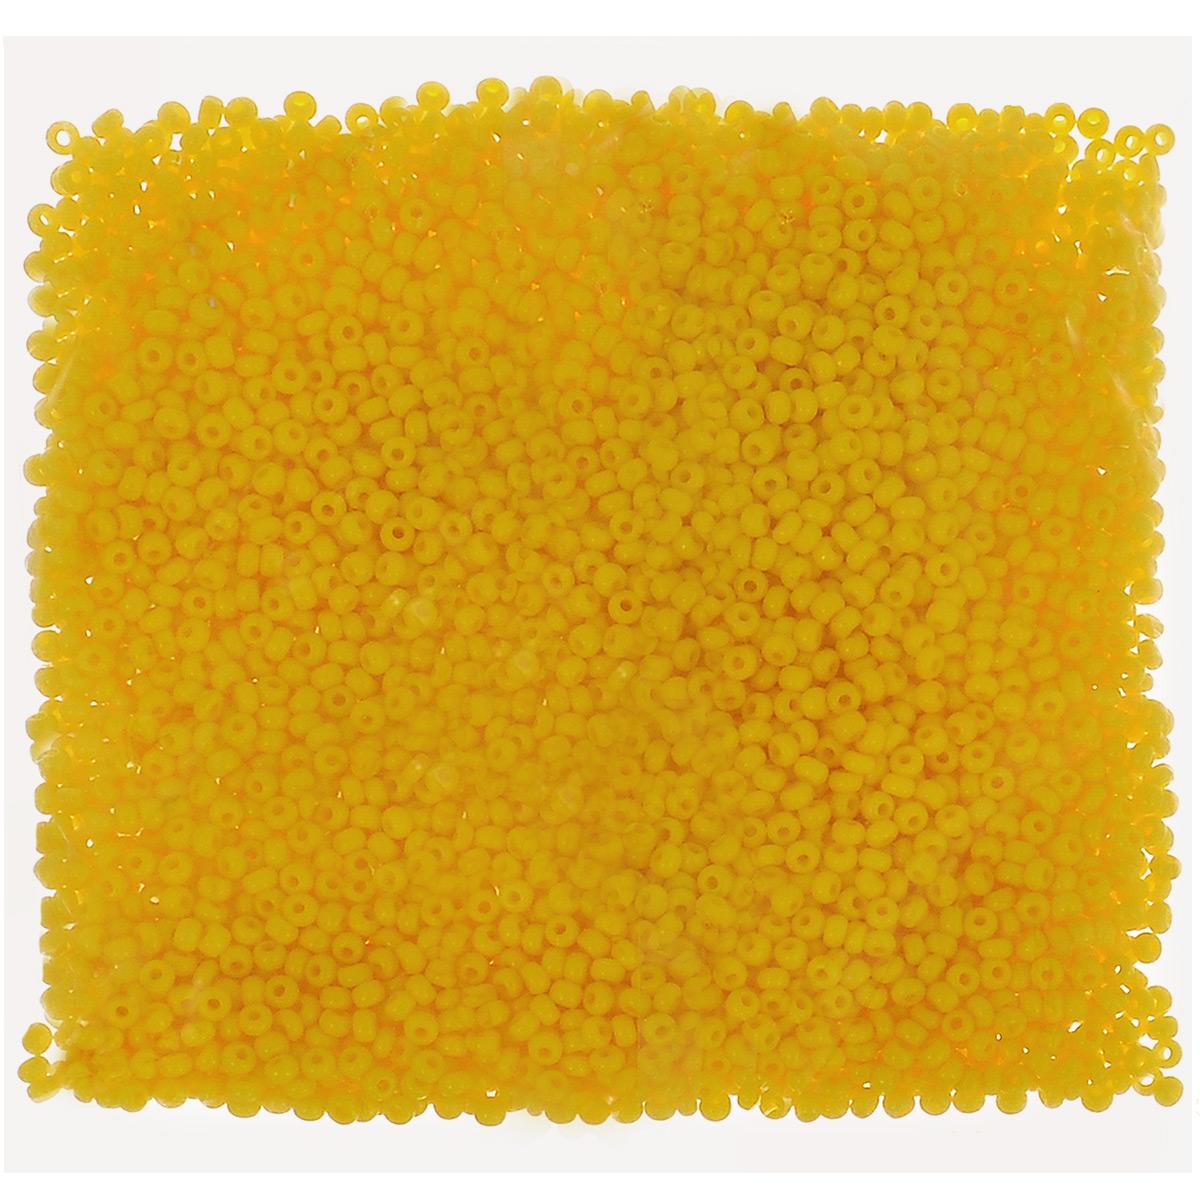 Бисер непрозрачный Preciosa, цвет: желтый (83130), размер 10/0, 50 г172018Бисер Preciosa, изготовленный из стекла круглой формы, позволит вам своими руками создать оригинальные ожерелья, бусы или браслеты, а также заняться вышиванием. В бисероплетении часто используют бисер разных размеров и цветов. Он идеально подойдет для вышивания на предметах быта и женской одежде. Изготовление украшений - занимательное хобби и реализация творческих способностей рукодельницы, это возможность создания неповторимого индивидуального подарка. Размер бисера: 10/0.